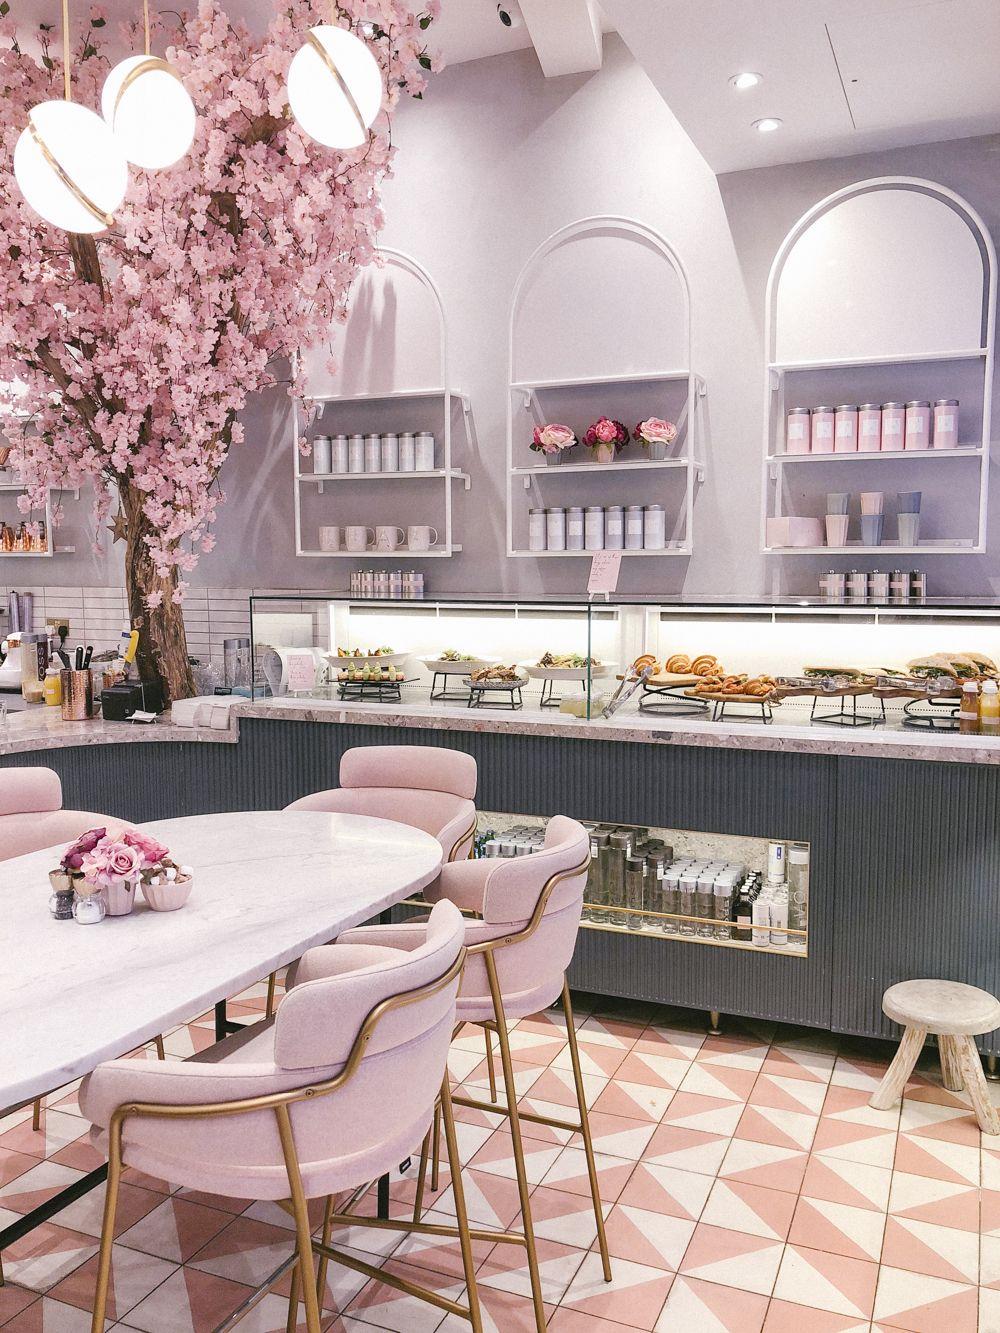 9 kitchen ideas   kitchen inspirations, kitchen design, interior